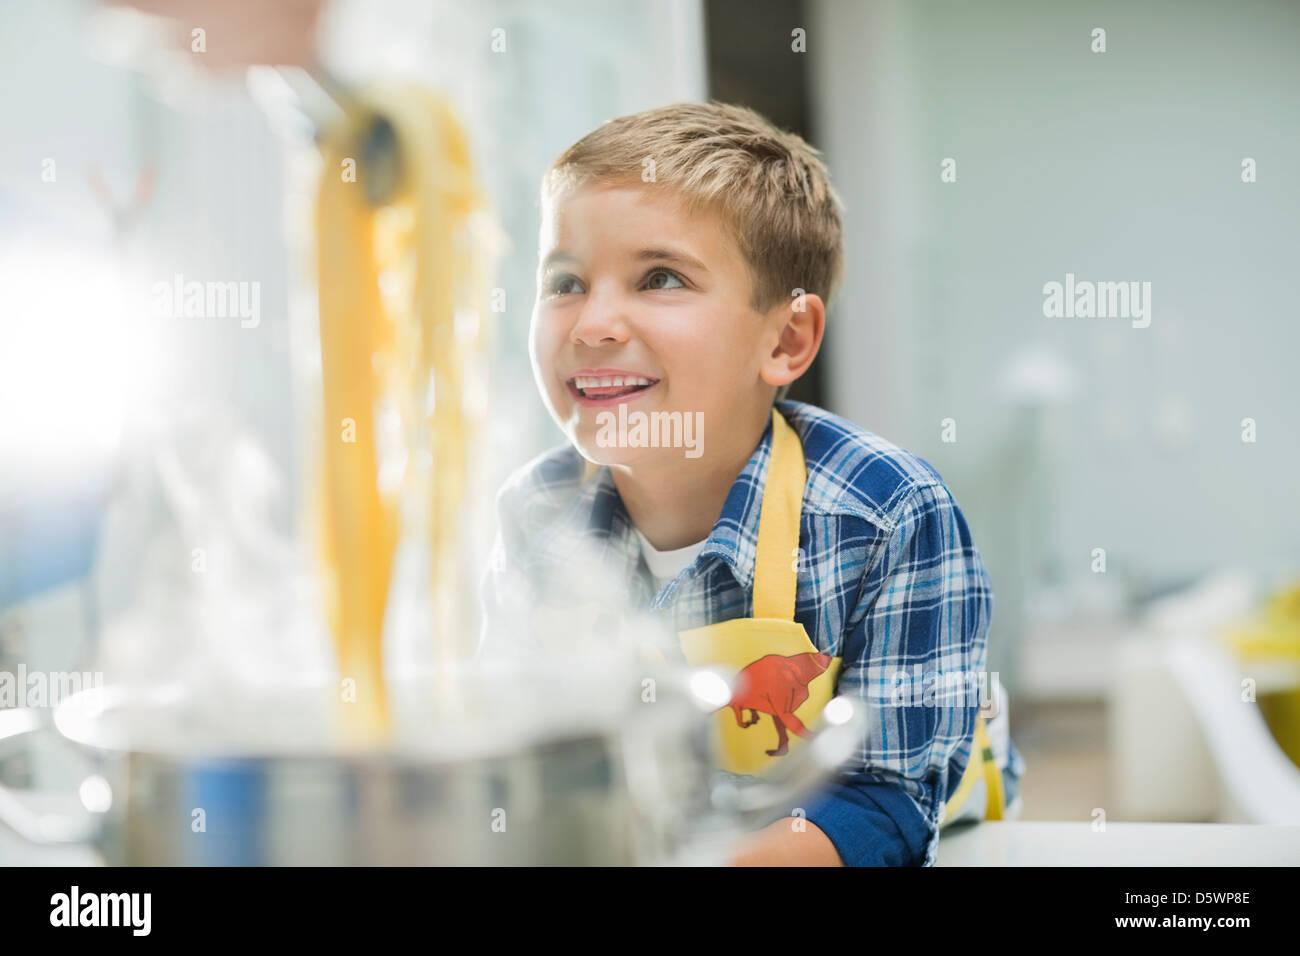 Niño sonriendo en la cocina Foto de stock